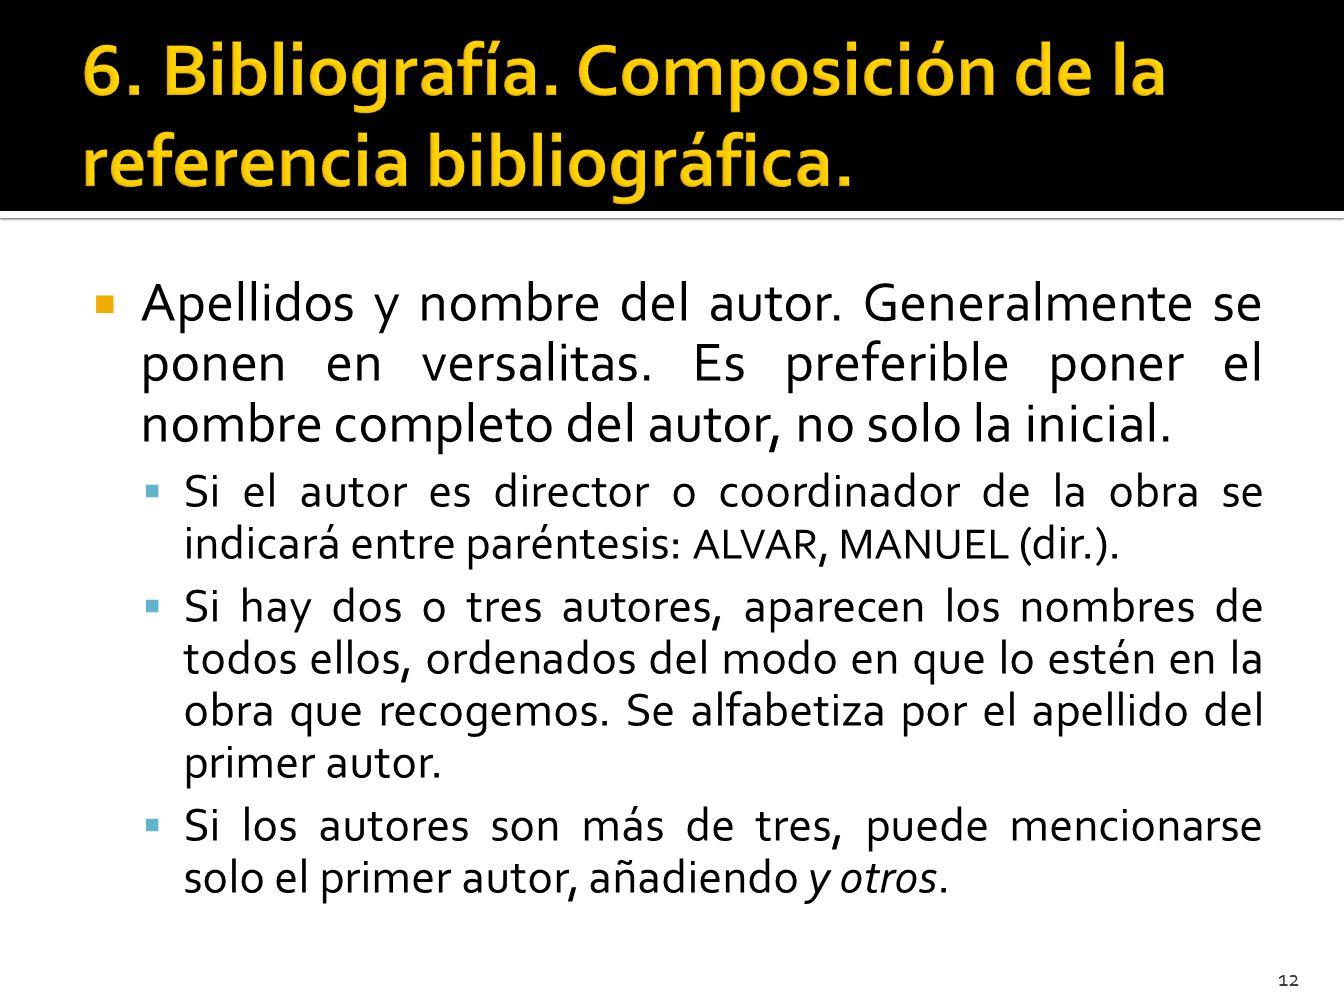 6. Bibliografía. Composición de la referencia bibliográfica.